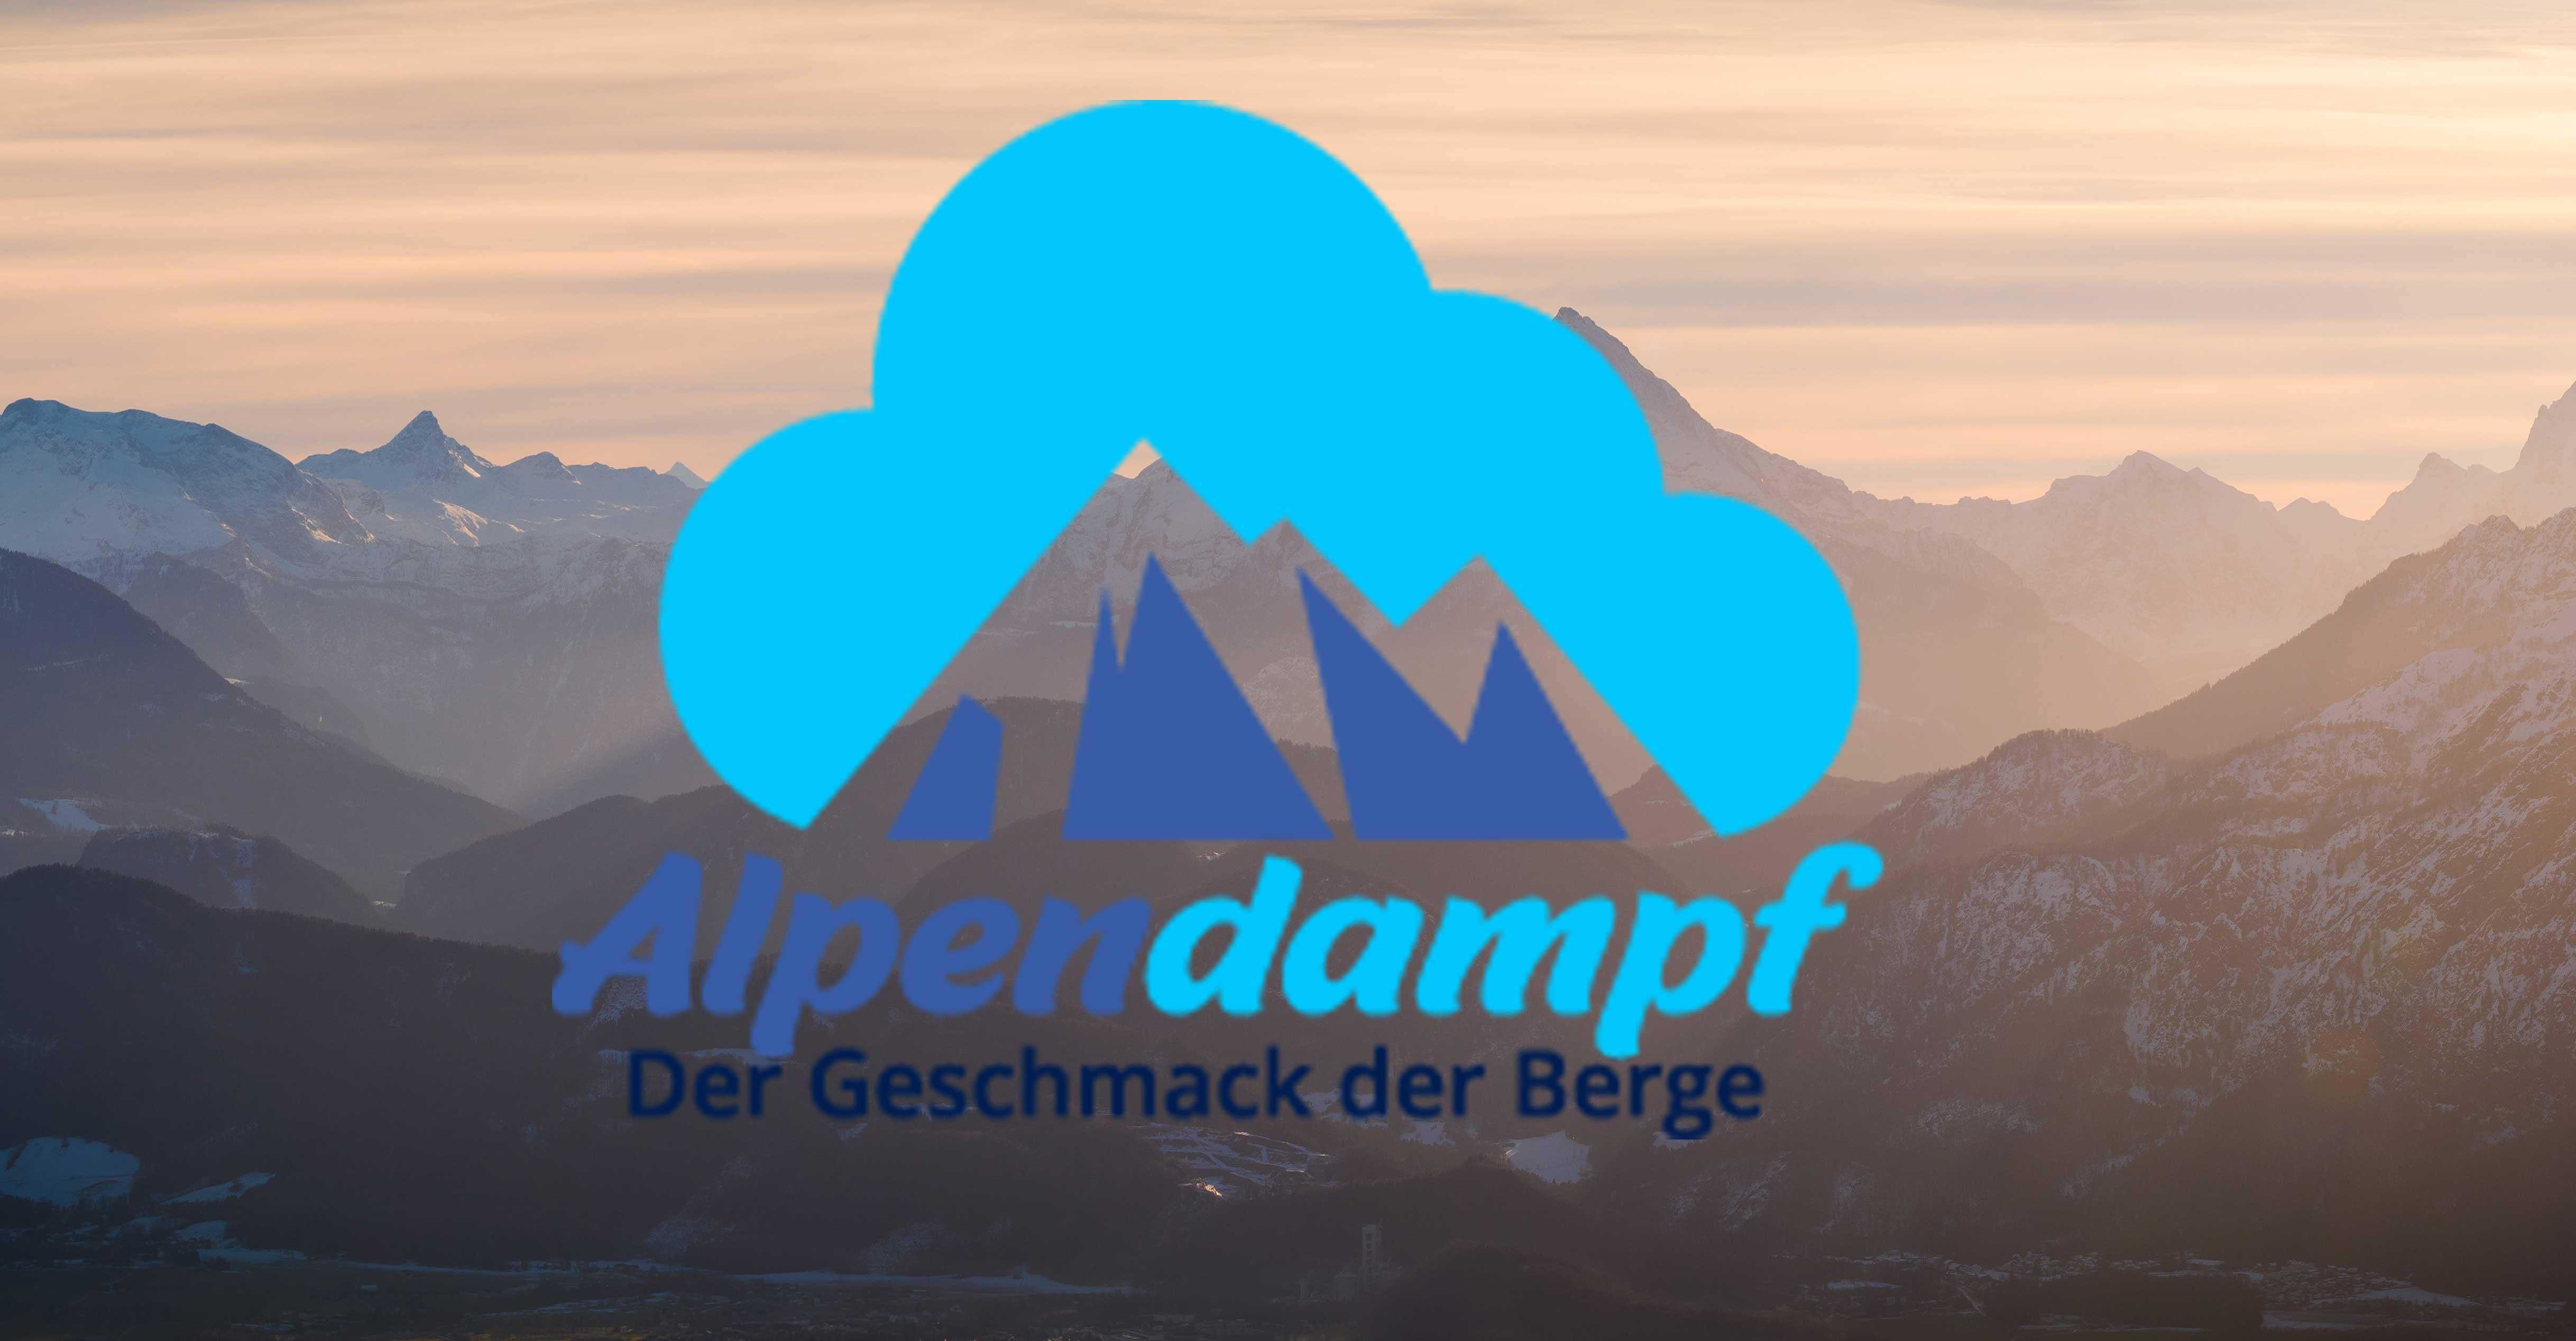 2020-01-20 | Alpendampf - der Geschmack der Berge